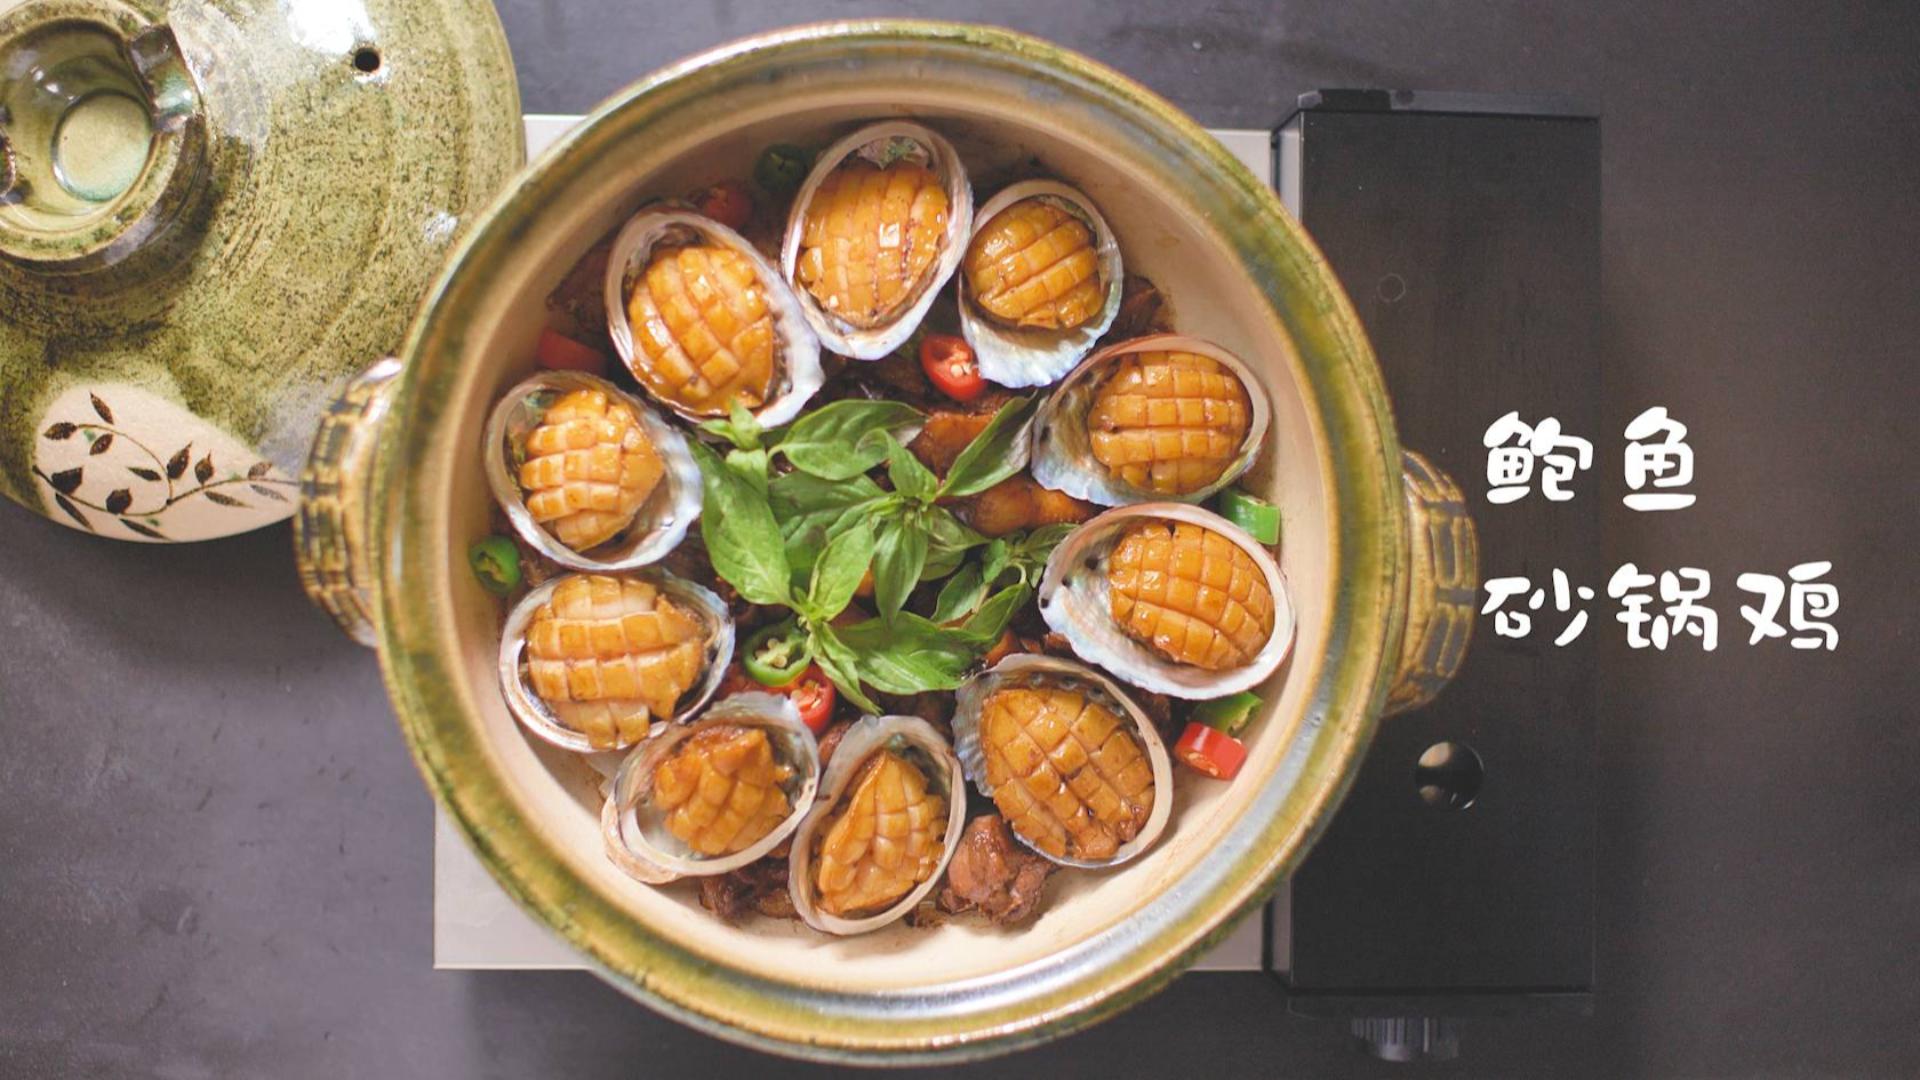 【鲍鱼砂锅鸡】150块钱搞定年夜饭最硬菜式!